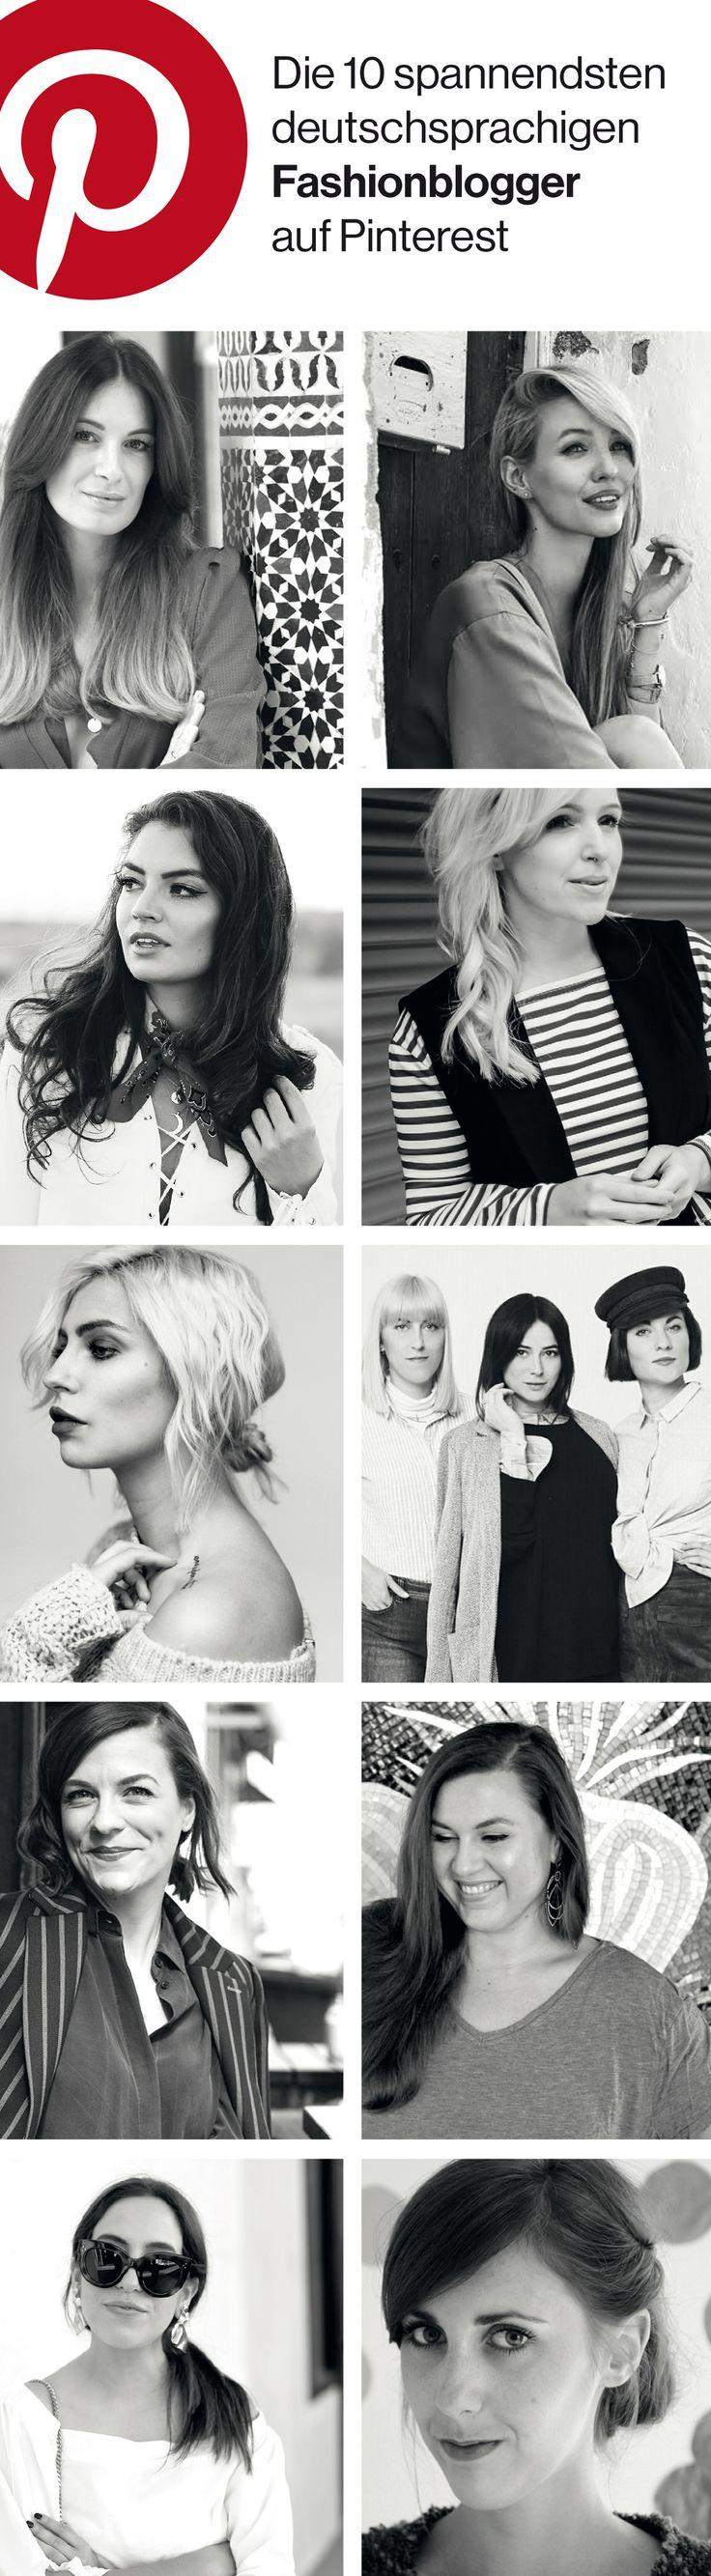 Die 10 spannendsten deutschsprachigen Fashionblogger auf Pinterest